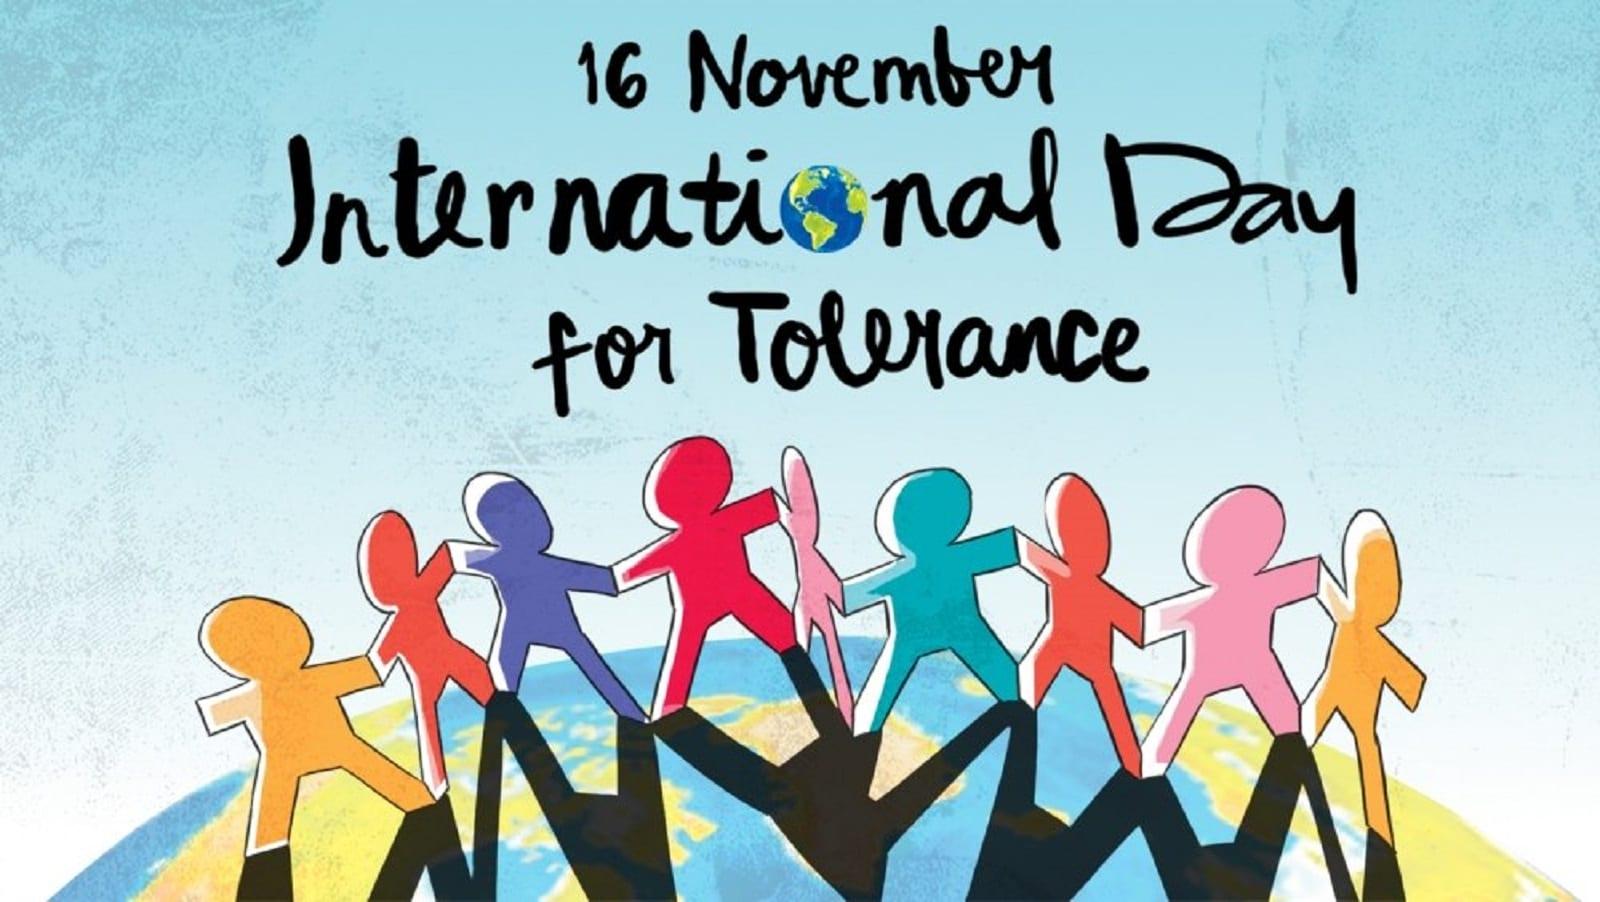 16 noiembrie - Ziua Internaţională a Toleranţei